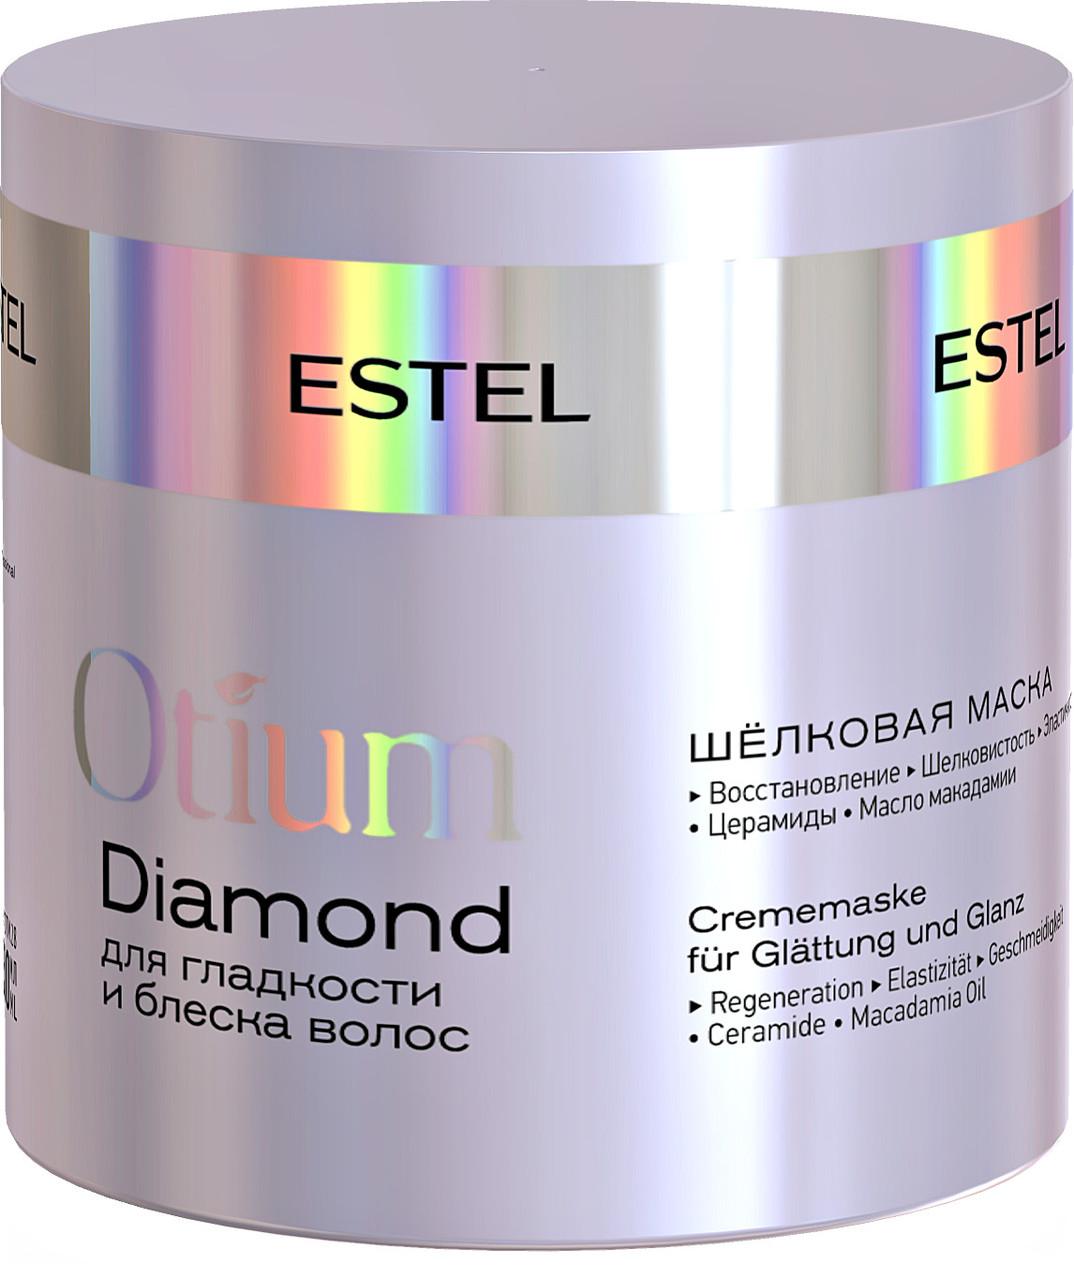 Маска для гладкости та блеска волос OTIUM DIAMOND, 300 мл